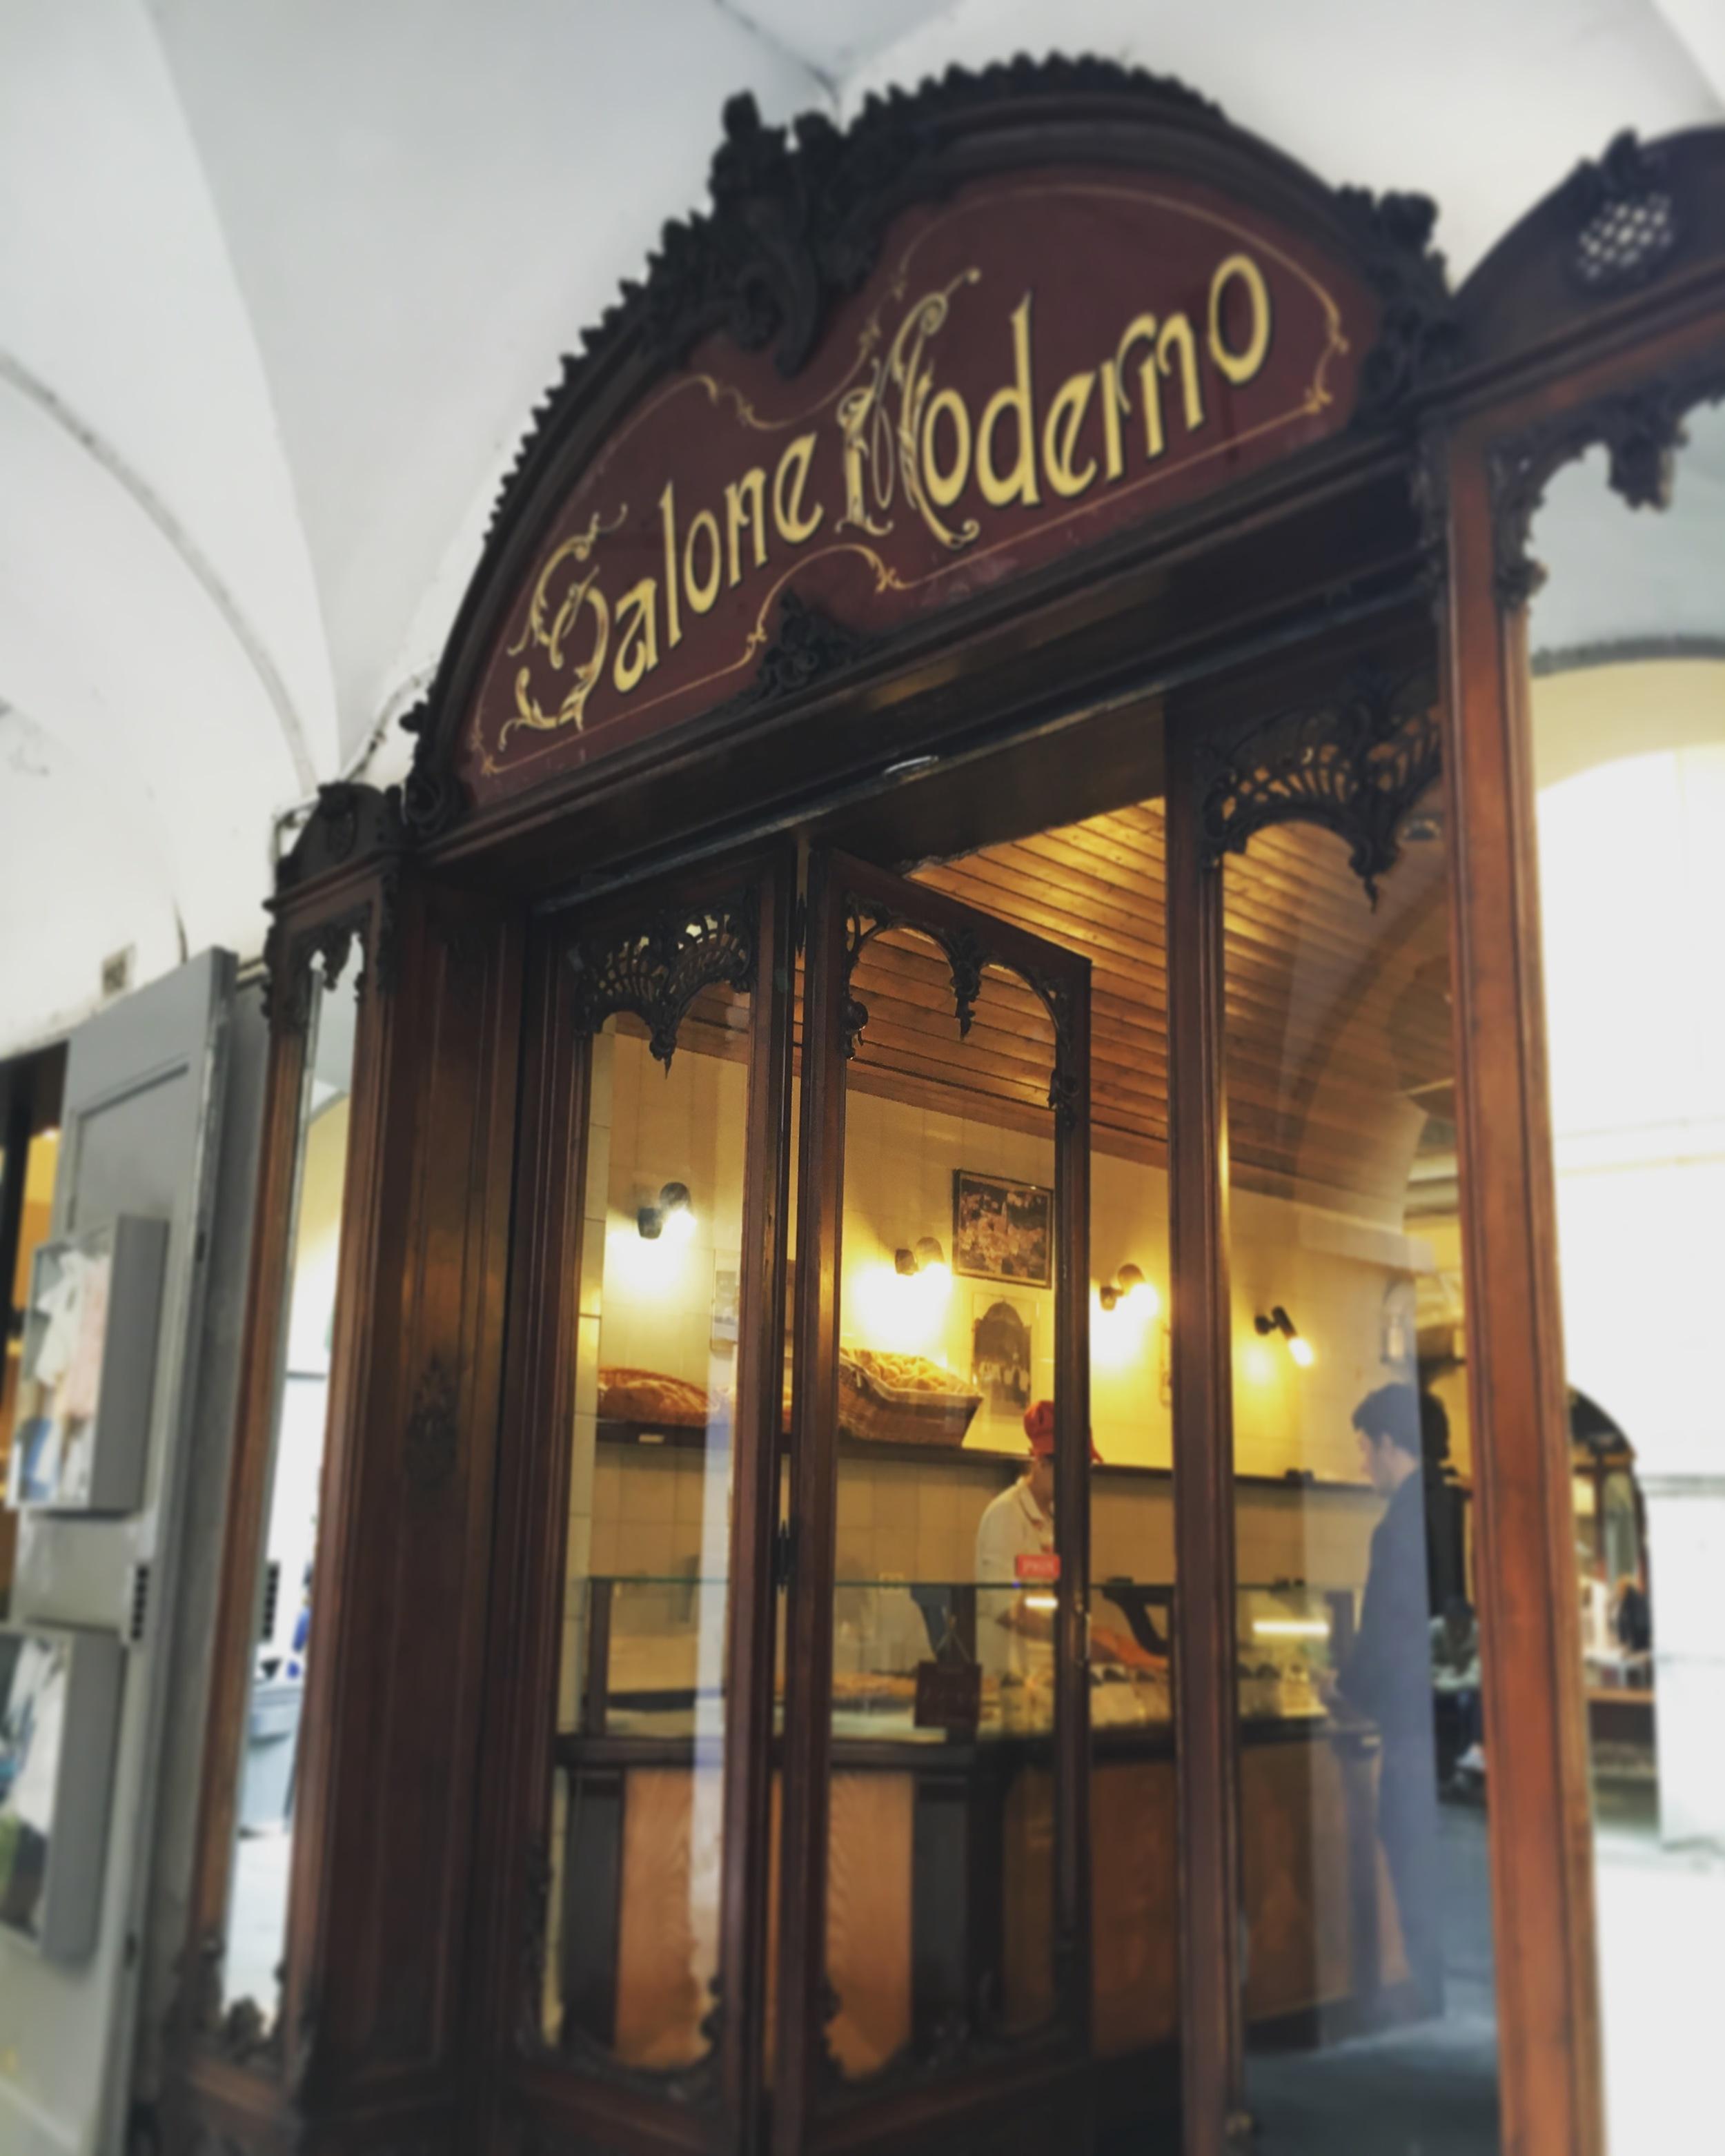 Typical shop facade in Centro Storico